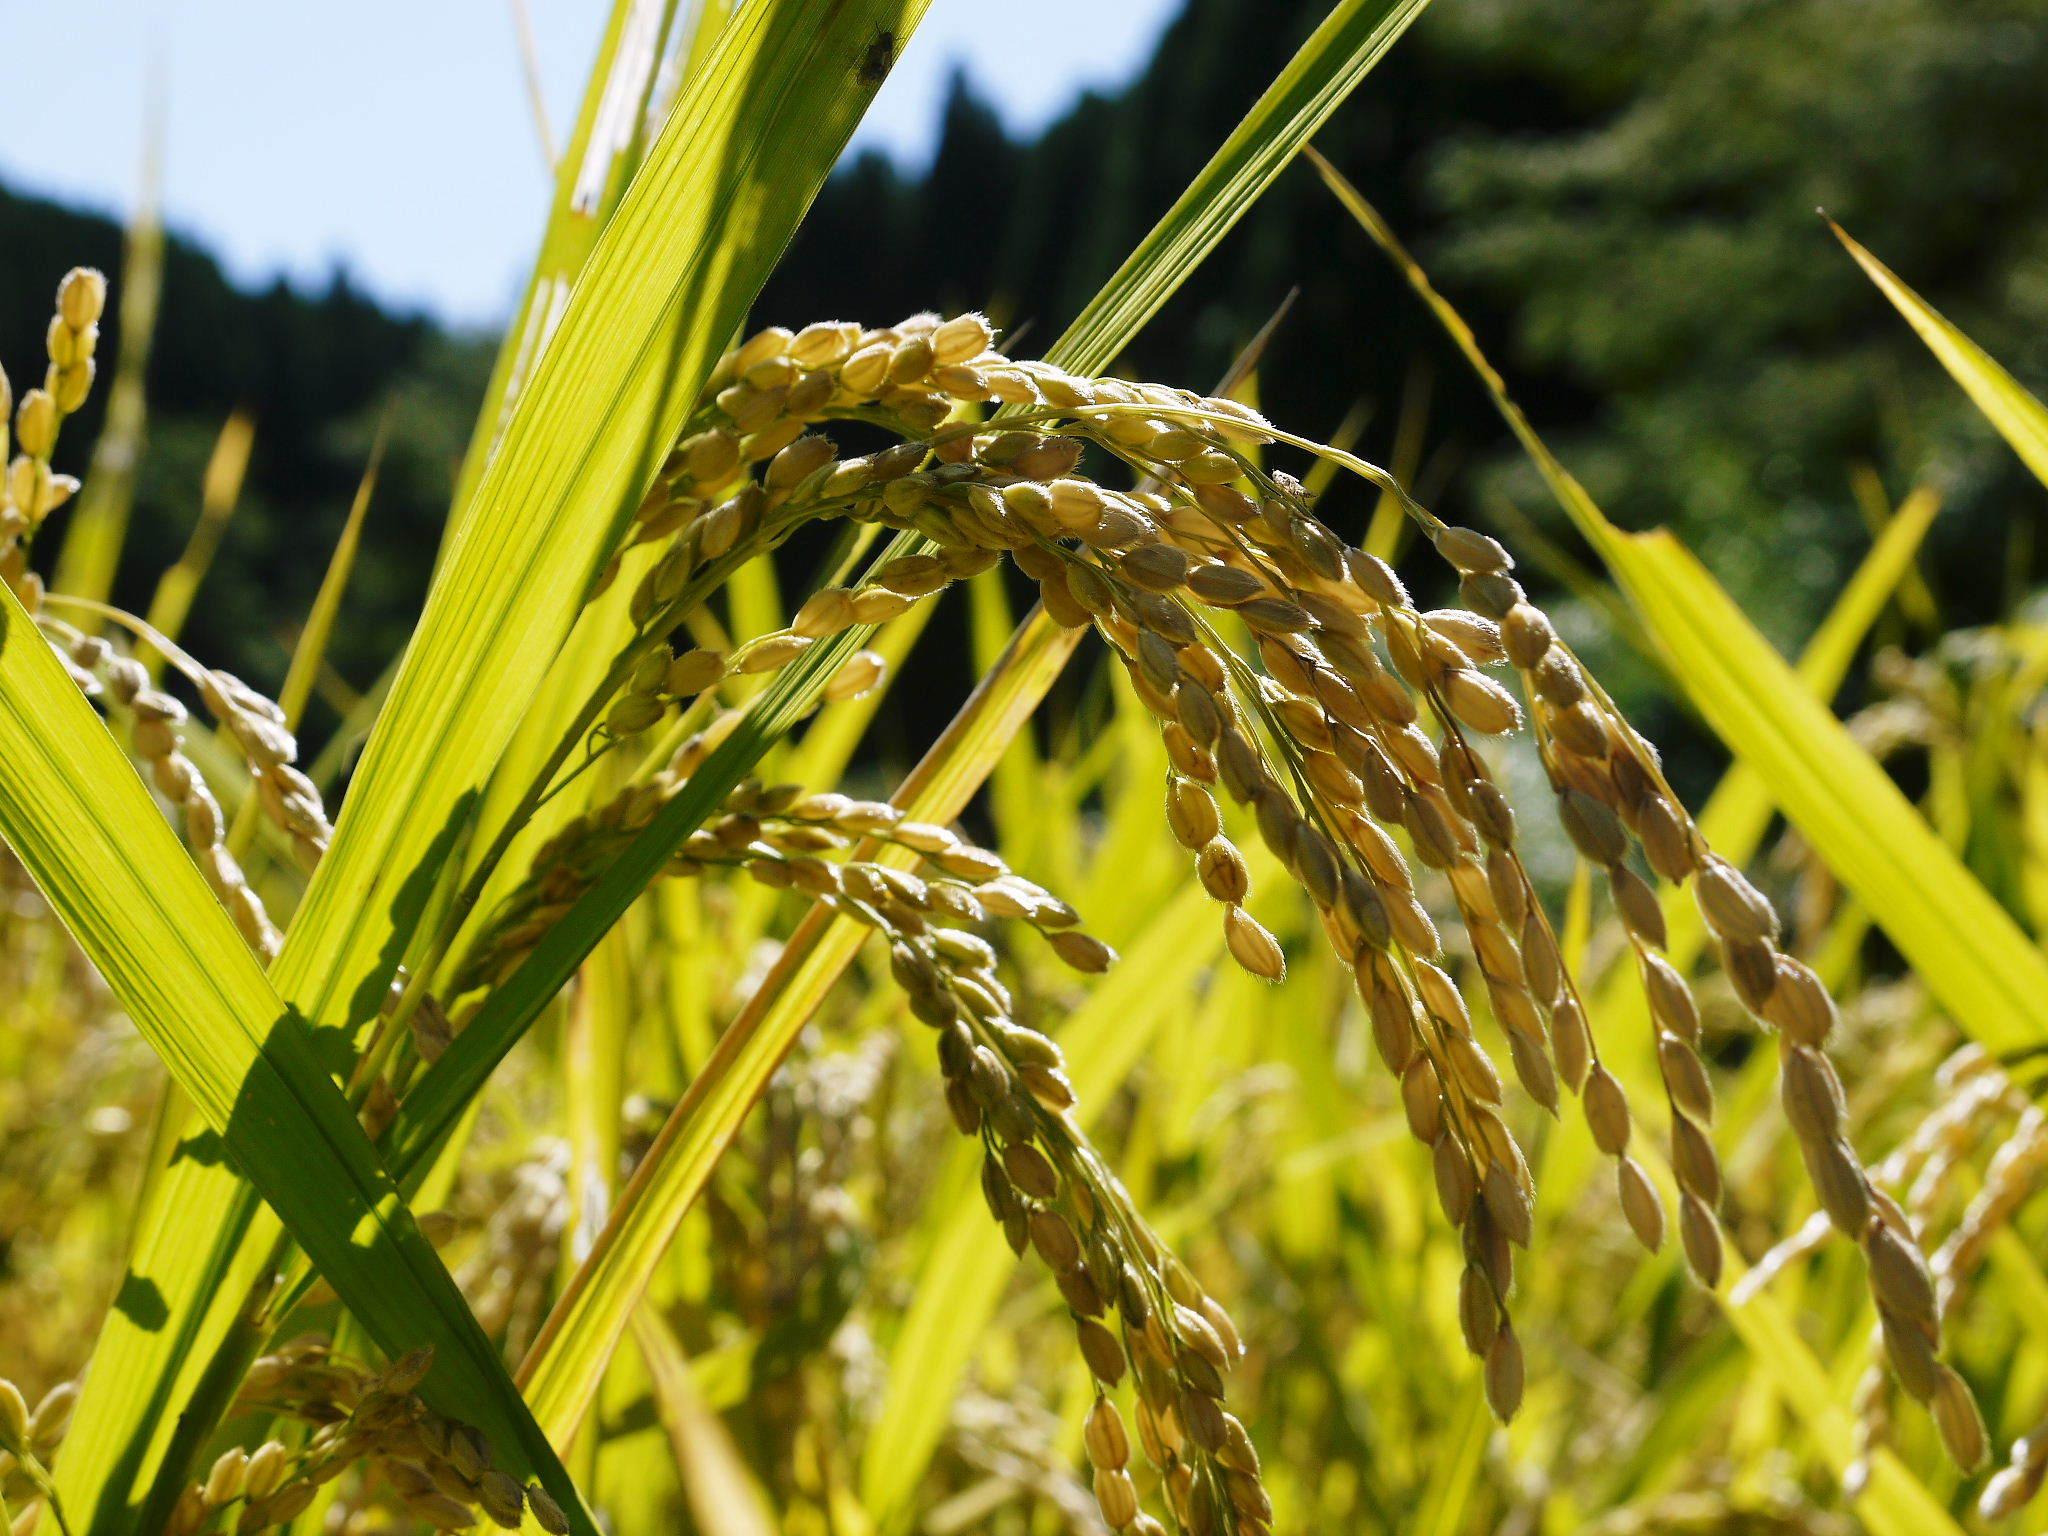 米作りの挑戦(2020) まもなく収穫!3年目の米作りは波乱もありながらなんとか順調?です!(後編)_a0254656_17561740.jpg